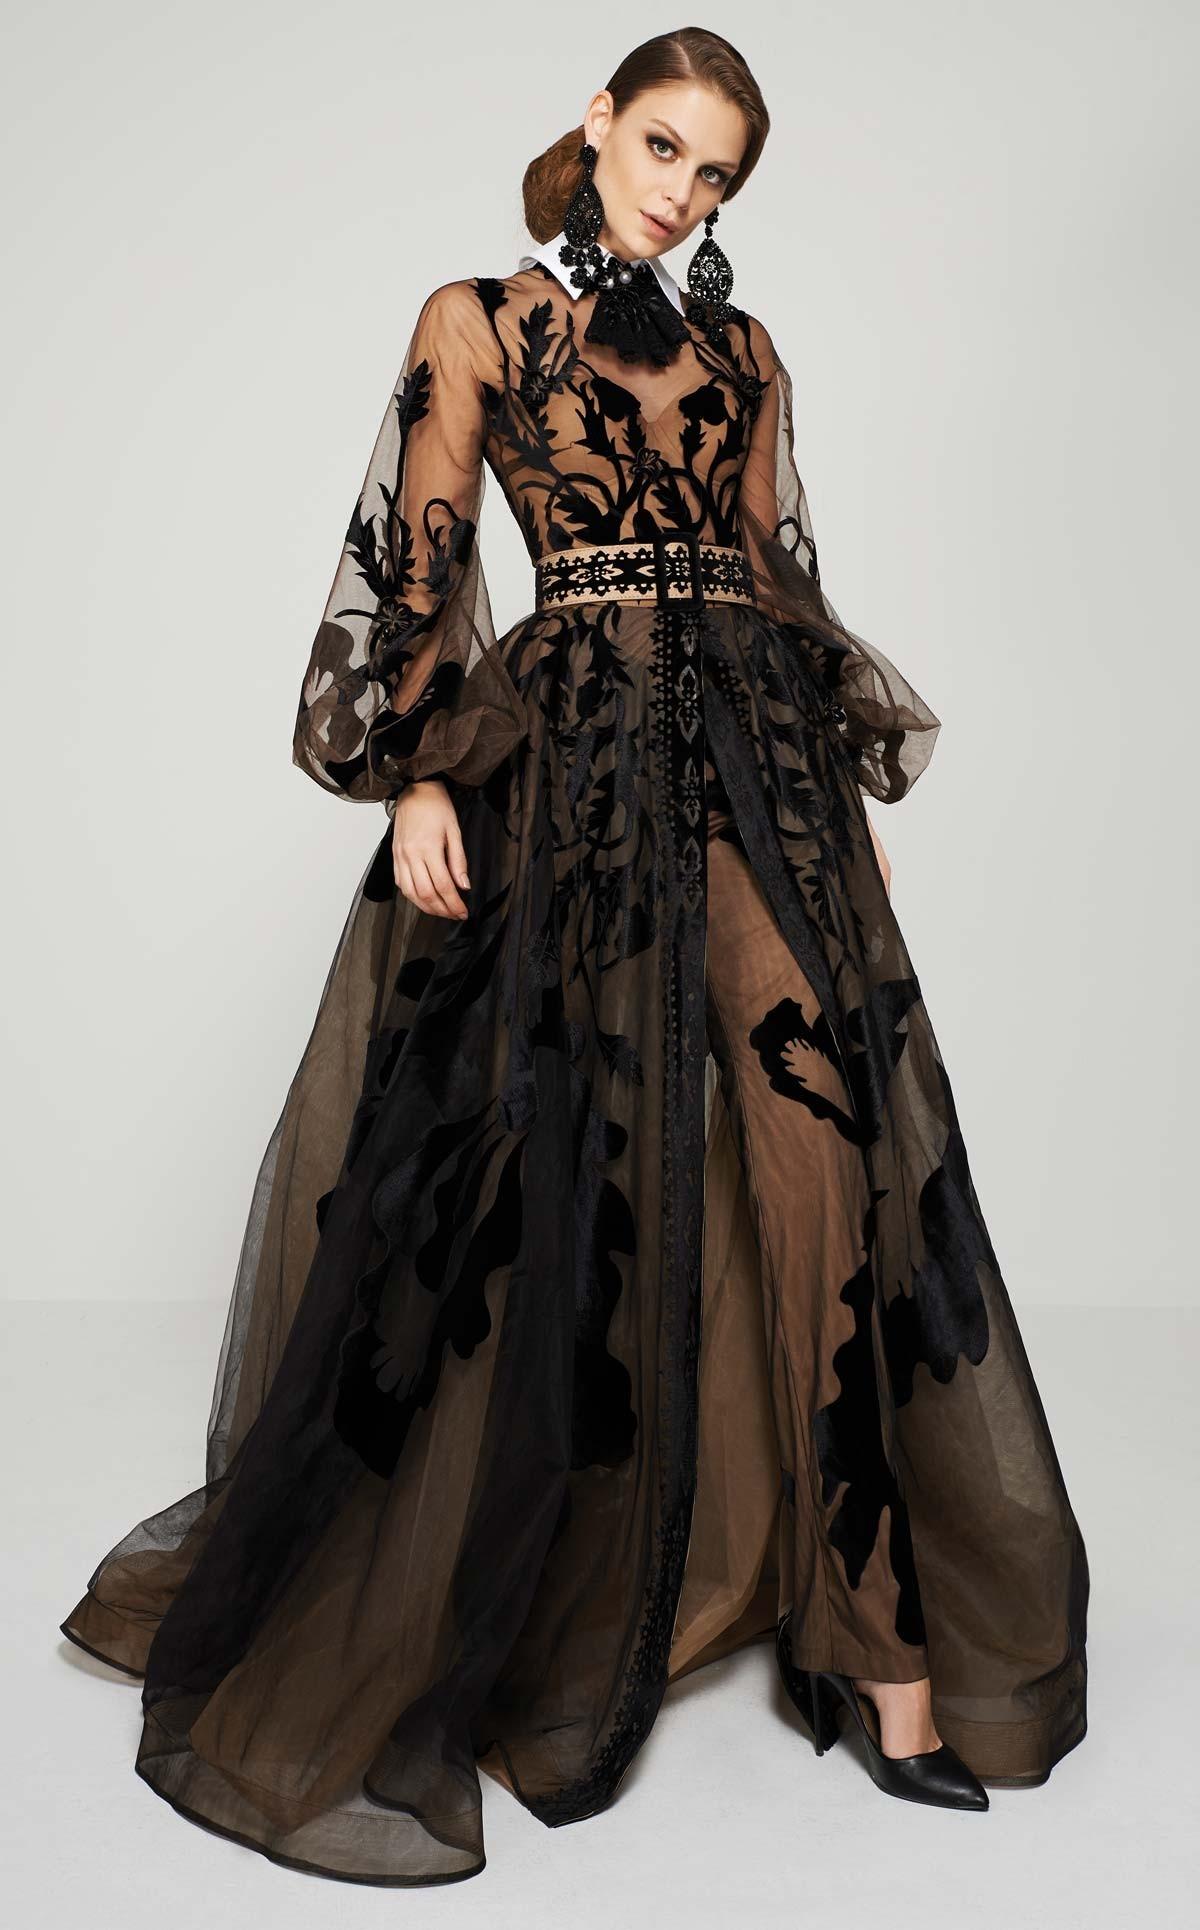 Simone 24511 черное платье  для особого случая, воздушные рукава, шлейф многослойный, все расшито оригинальной   вышивкой